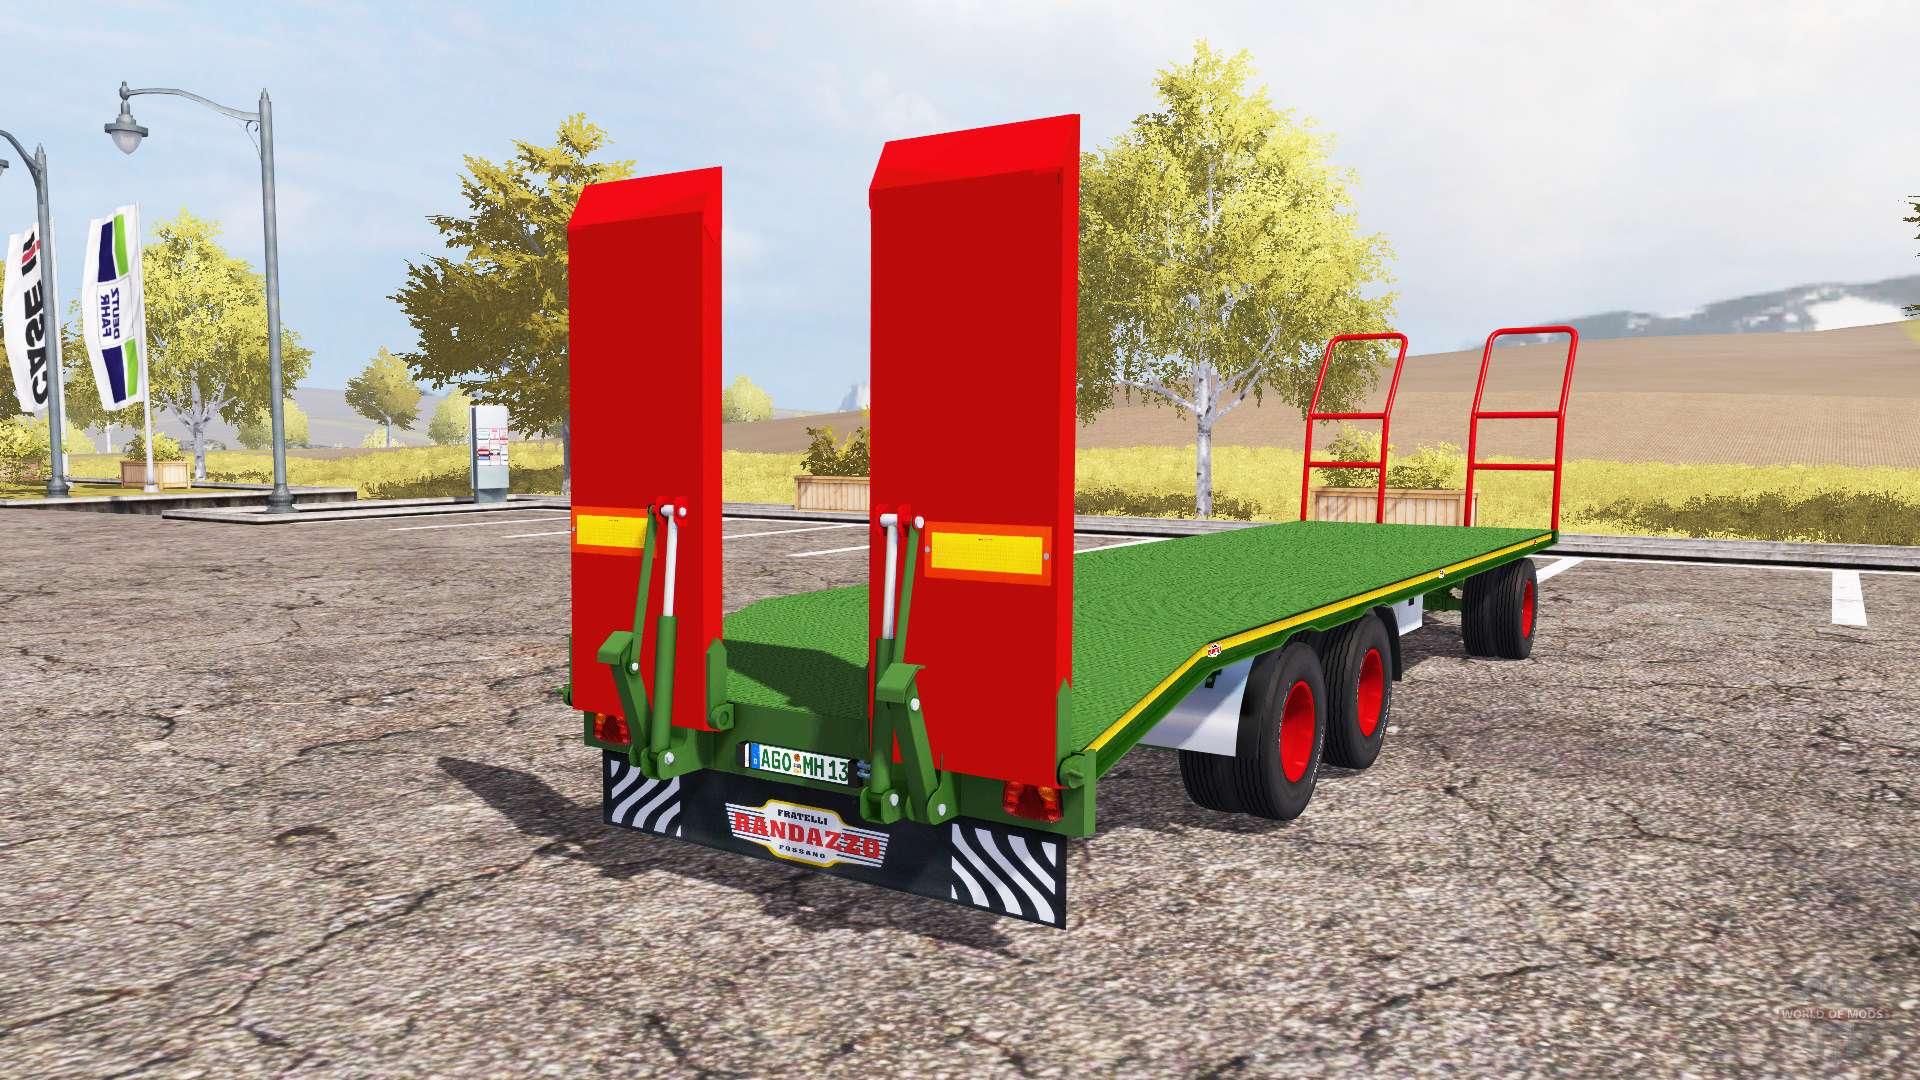 Rimorchi randazzo pa 97 i v1 1 for farming simulator 2013 for Rimorchi randazzo